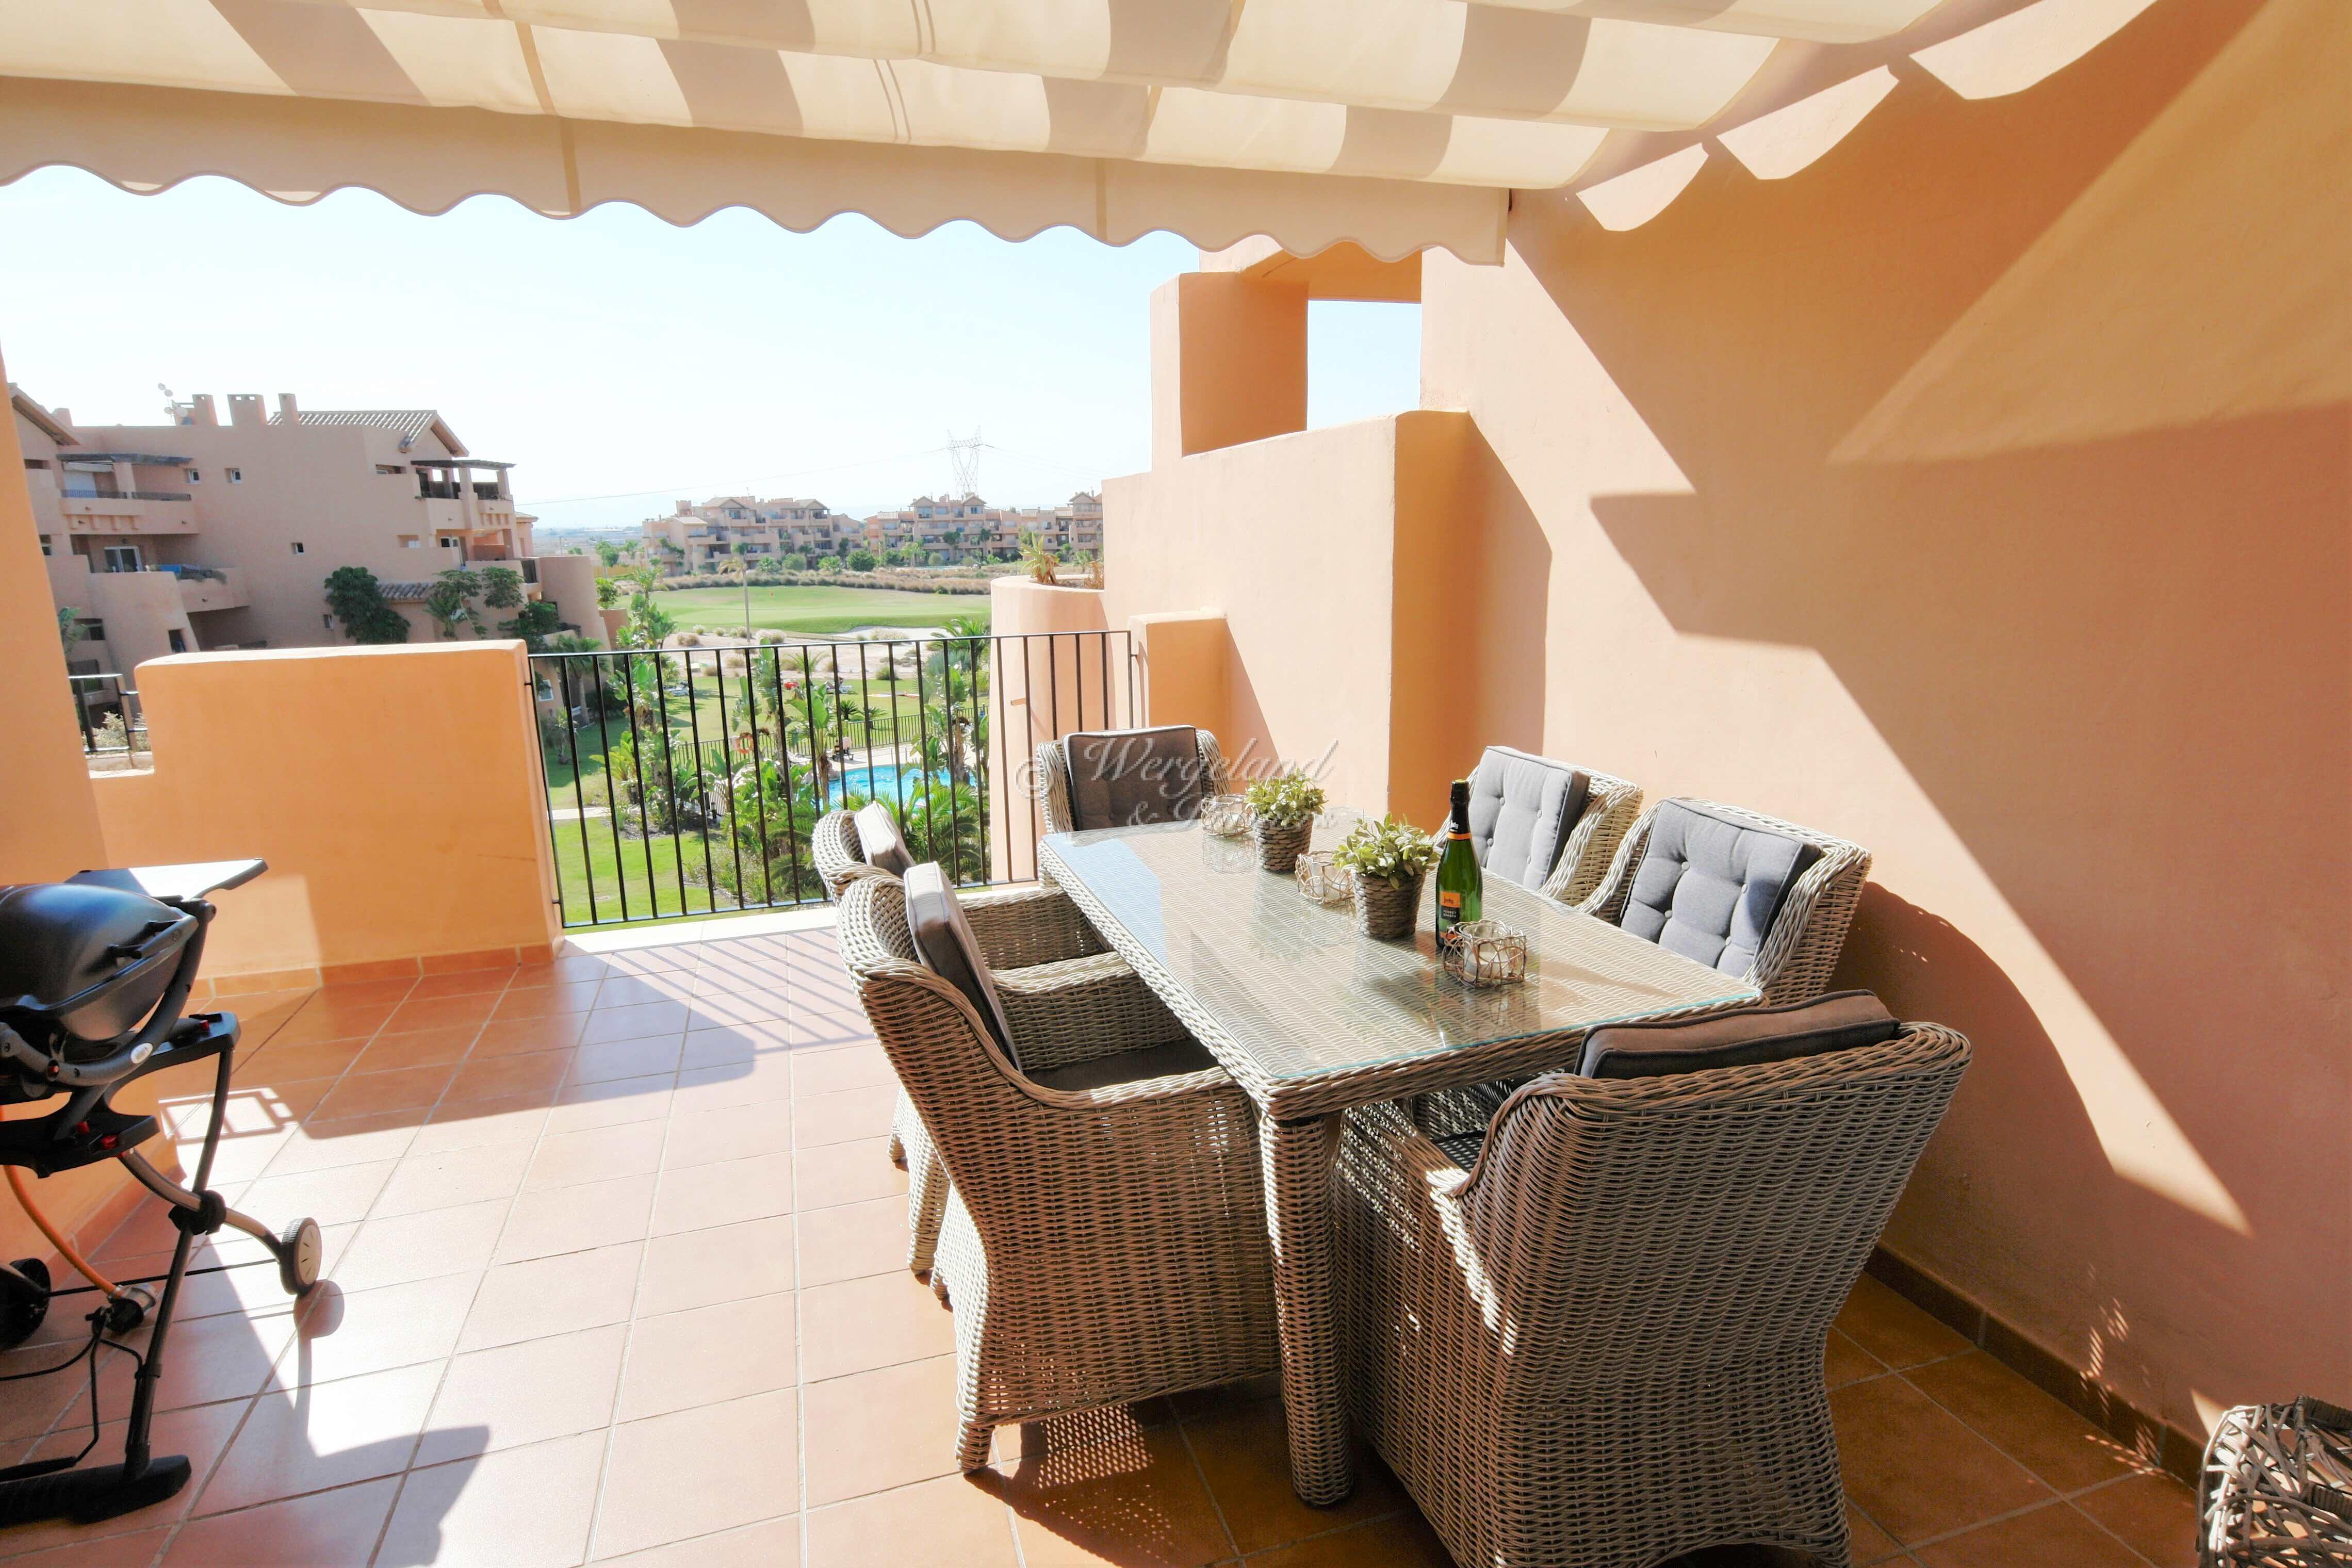 4-roms møblert lys toppetasje med solrik utsikt over basseng og golf [11921]